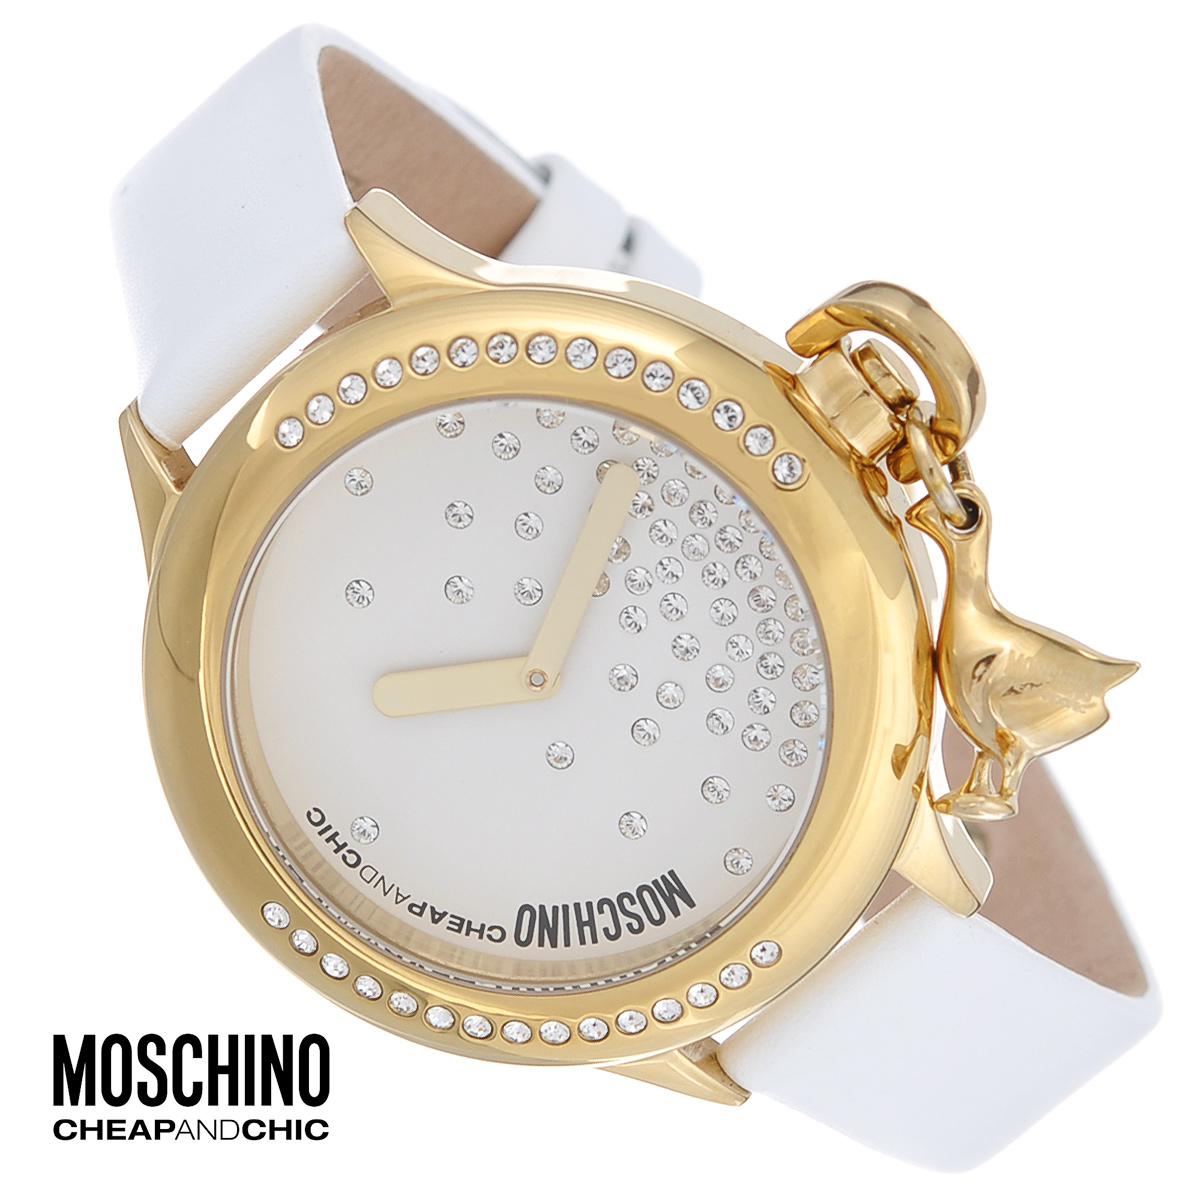 Часы женские наручные Moschino, цвет: белый, золотой. MW0044BM8434-58AEНаручные часы от известного итальянского бренда Moschino - это не только стильный и функциональный аксессуар, но и современные технологи, сочетающиеся с экстравагантным дизайном и индивидуальностью. Часы Moschino оснащены кварцевым механизмом. Корпус выполнен из высококачественной нержавеющей стали с PVD-покрытием. Циферблат декорирован россыпью кристаллов и защищен минеральным стеклом. Заводная головка оформлена подвеской в виде птицы. Часы имеют две стрелки - часовую и минутную. Ремешок часов выполнен из натуральной кожи и оснащен классической застежкой. Часы упакованы в фирменную металлическую коробку с логотипом бренда. Часы Moschino благодаря своему уникальному дизайну отличаются от часов других марок своеобразными циферблатами, функциональностью, а также набором уникальных технических свойств. Каждой модели присуща легкая экстравагантность, самобытность и, безусловно, великолепный вкус. Характеристики:Диаметр циферблата: 3 см.Размер корпуса: 4 см х 4 см х 1,1 см.Длина ремешка (с корпусом): 22 см.Ширина ремешка: 1,4 см.